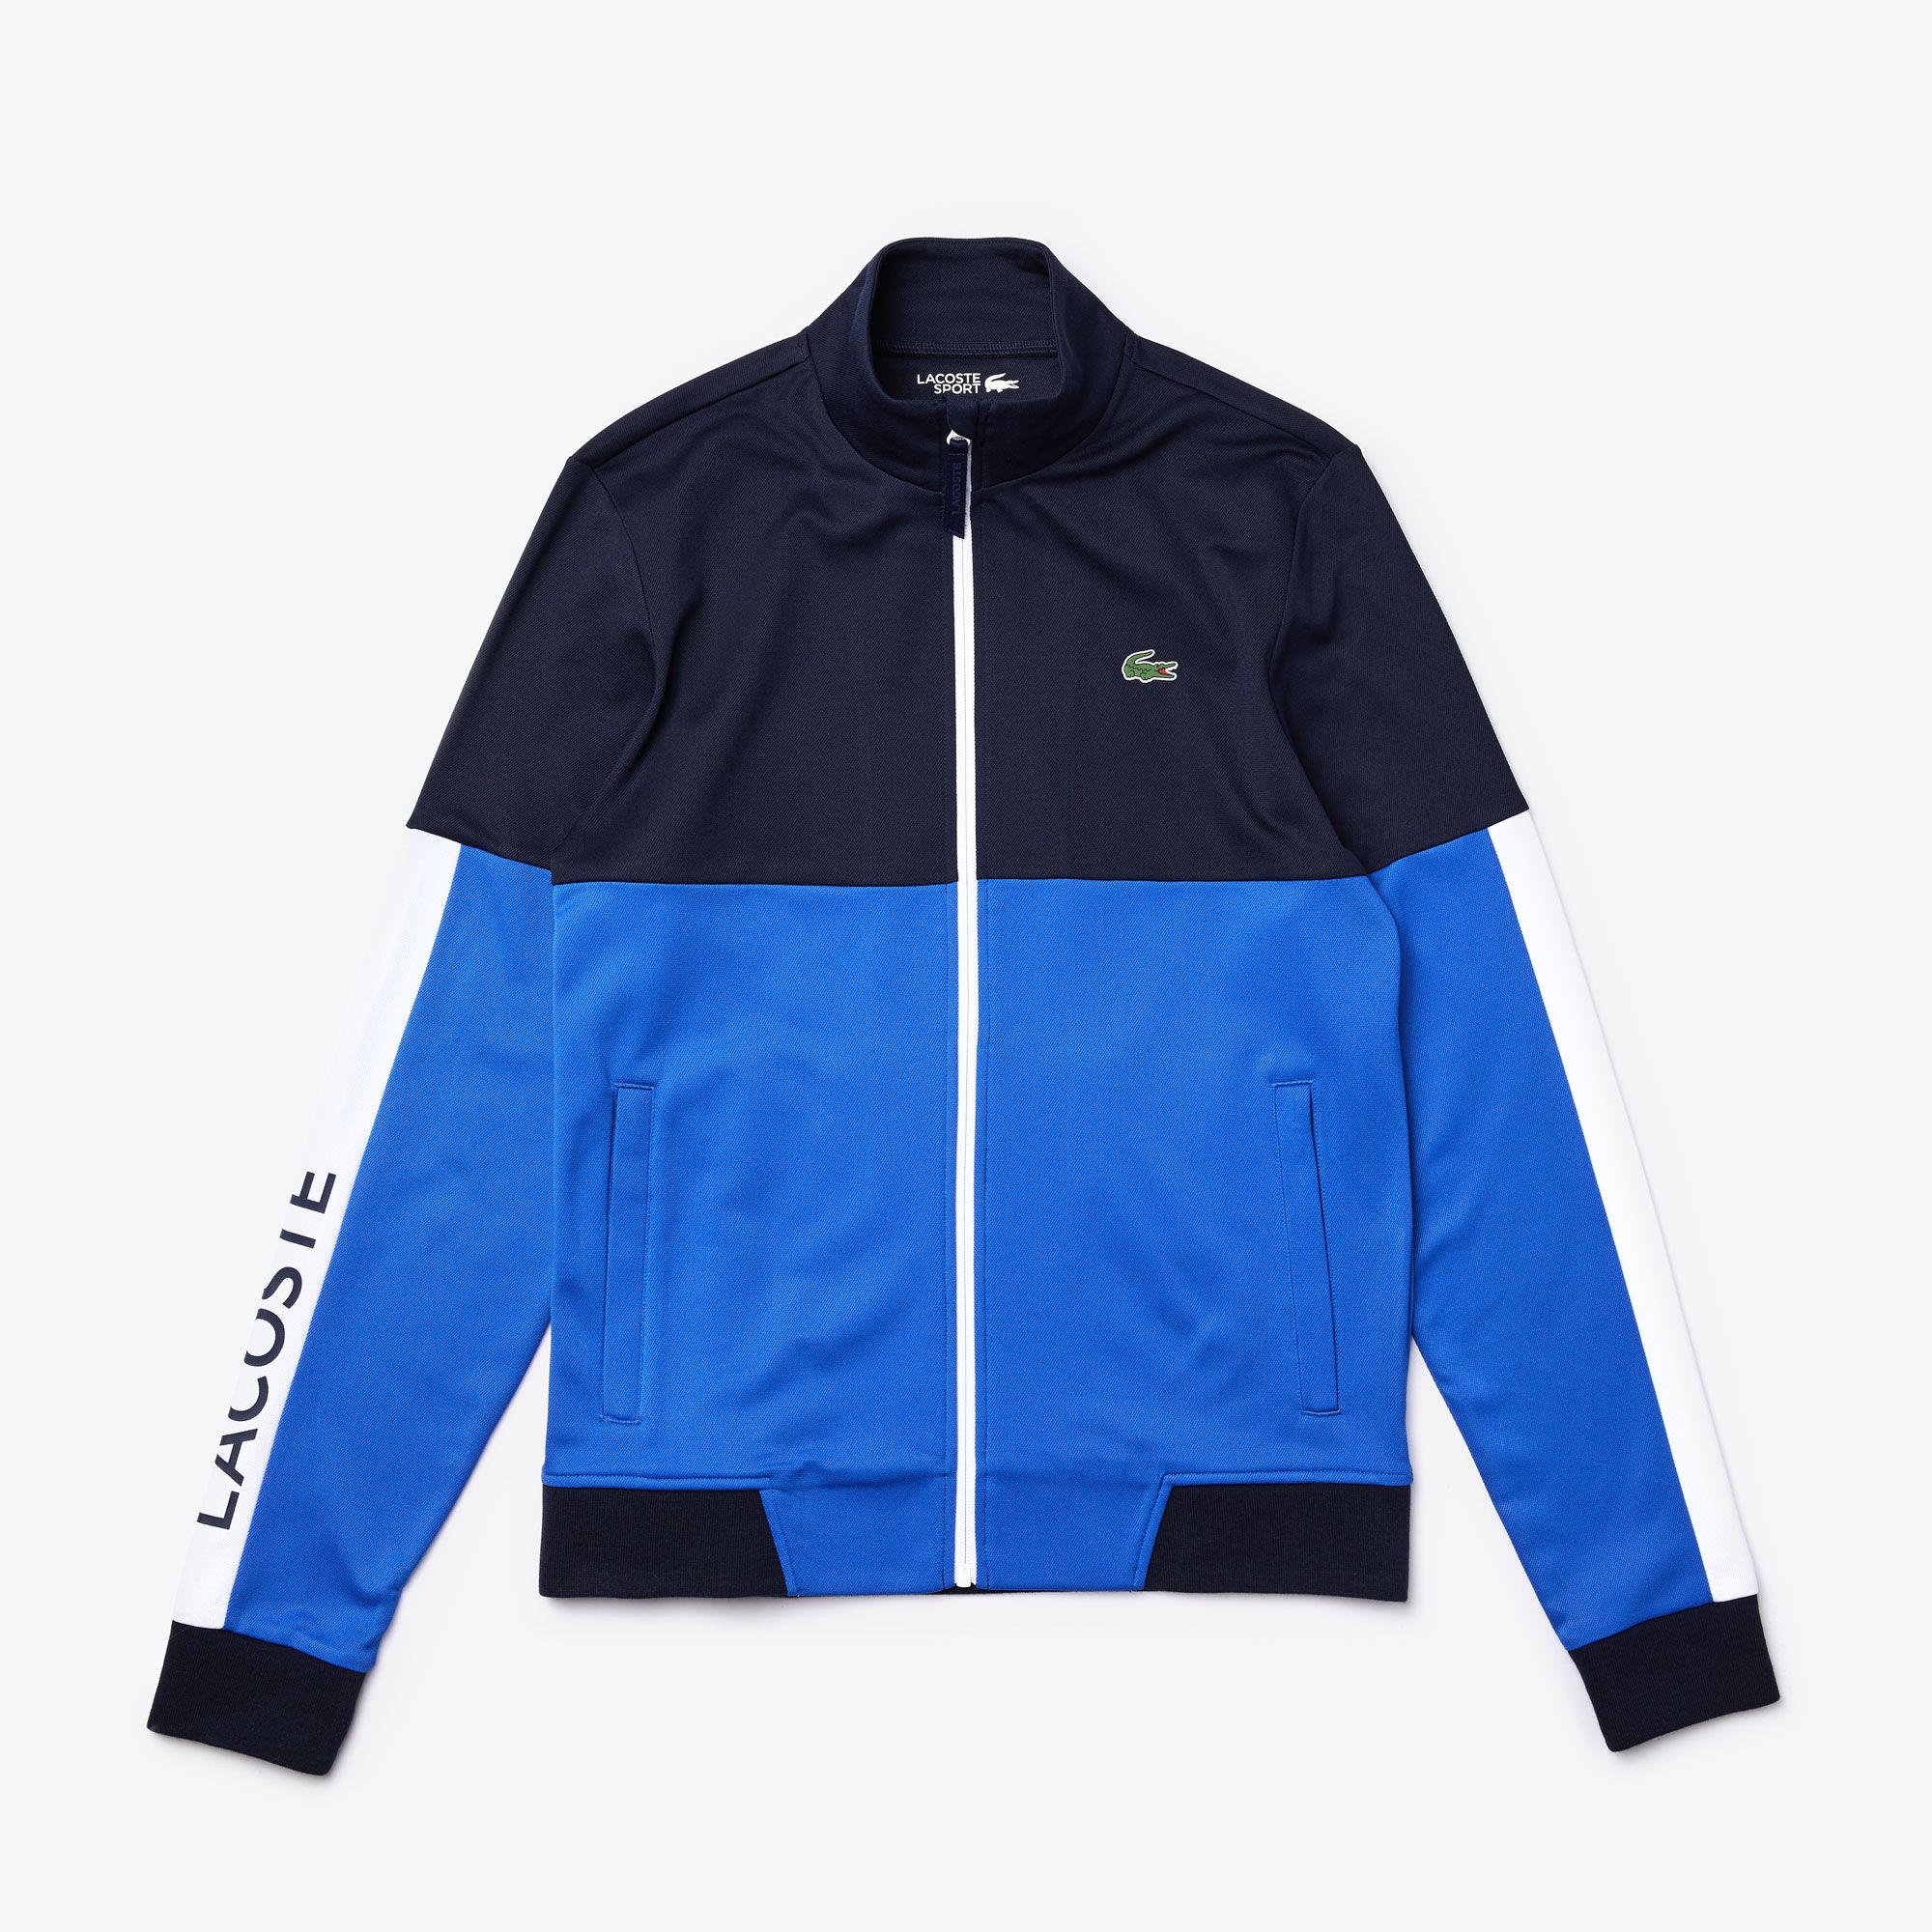 Men's Lacoste SPORT Colourblock Resistant Piqué Zip Sweatshirt